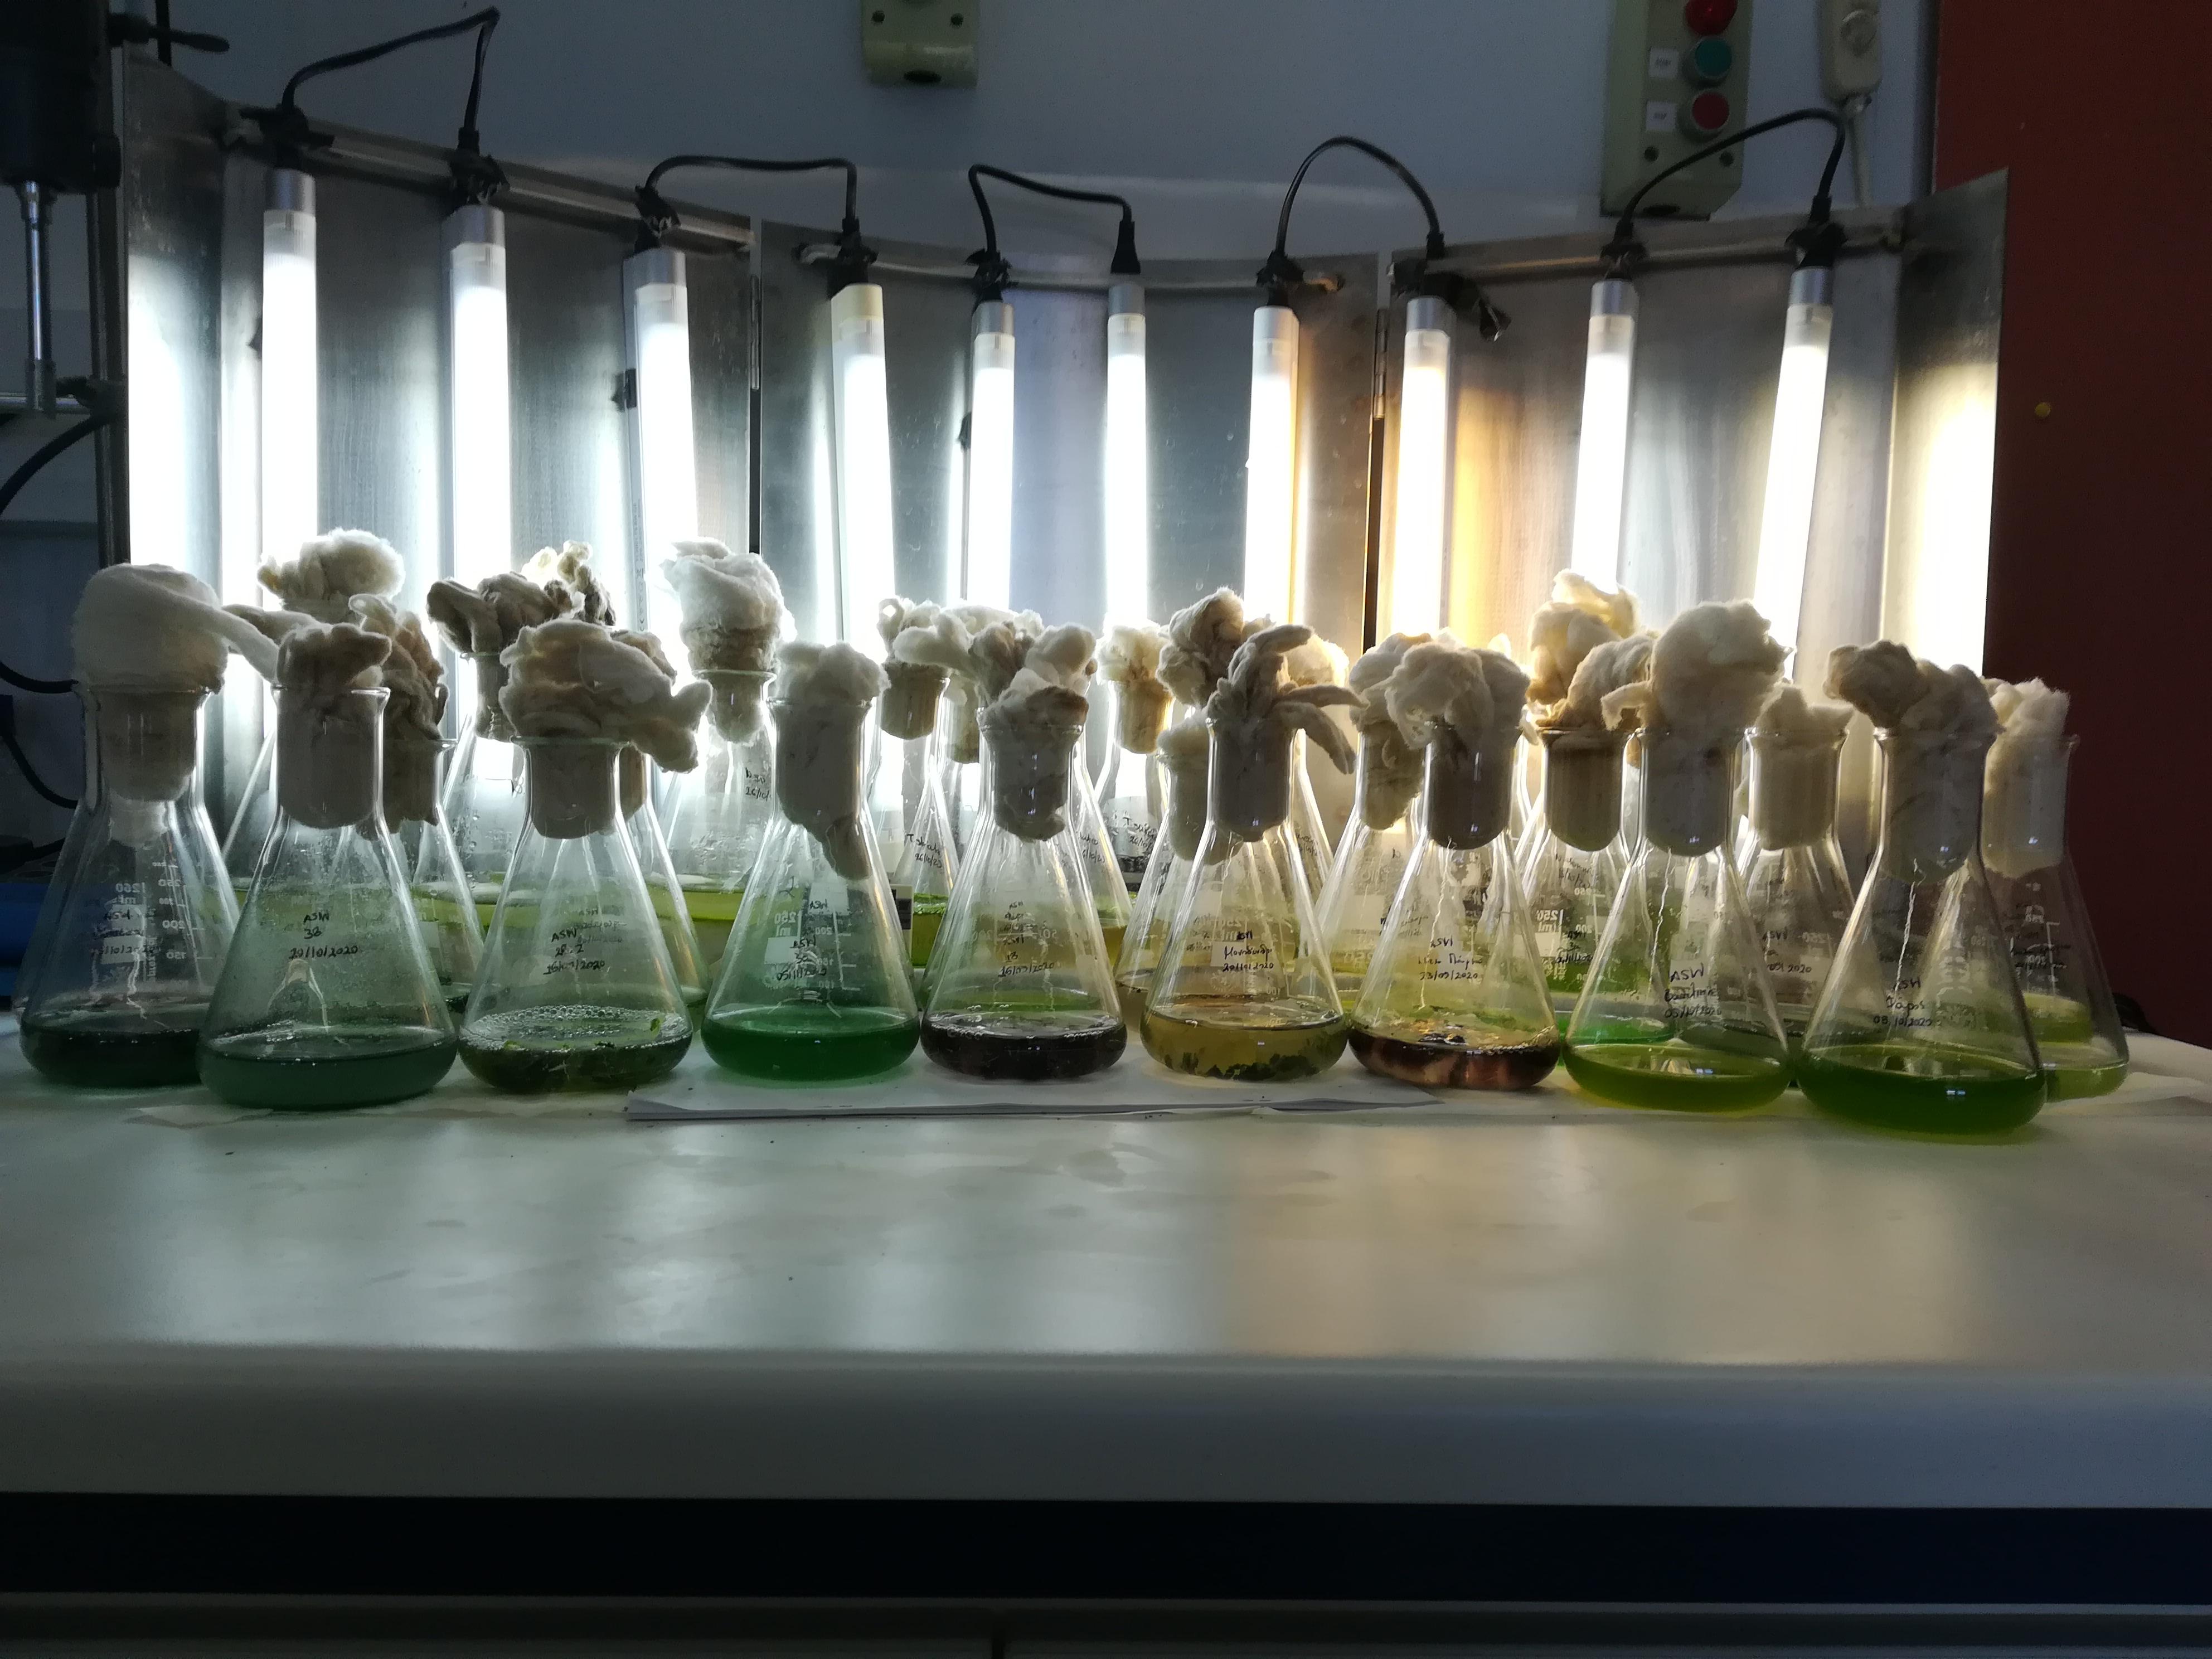 Καλλιέργειες των απομονωθέντων στελεχών μικροφυκών και κυανοβακτηρίων σε φιάλες Erlenmeyer 250cc (ΕΜ)